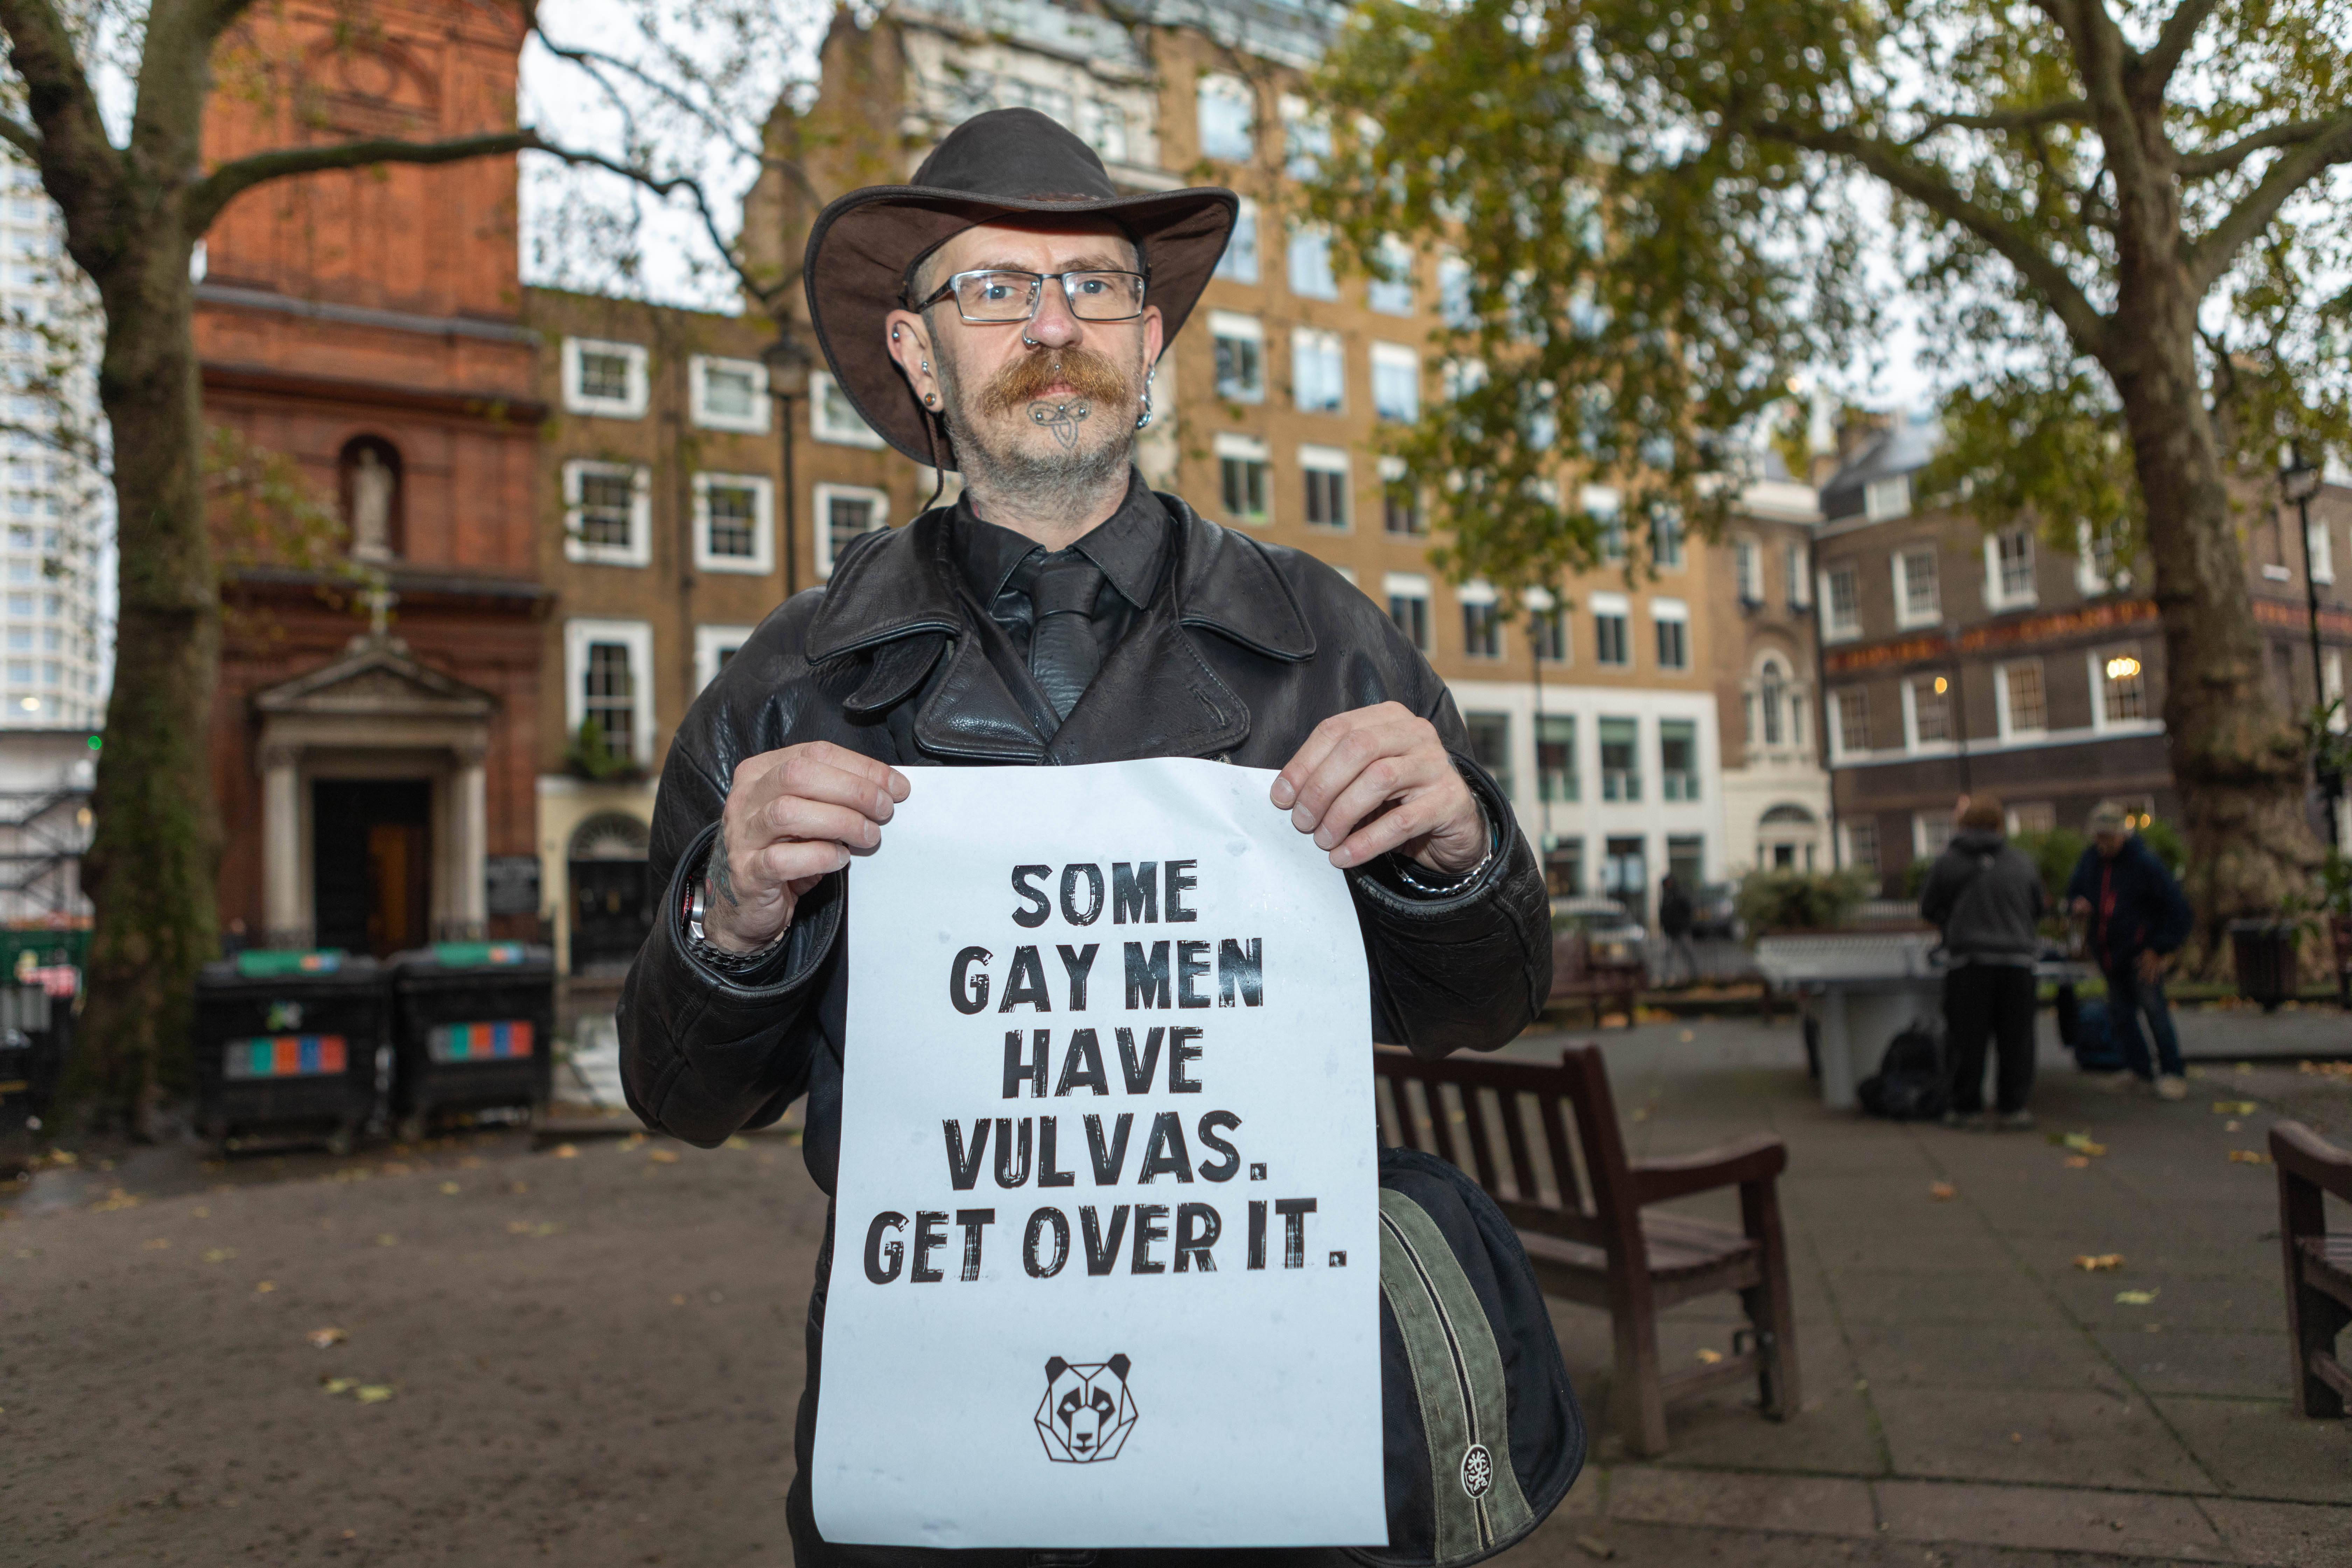 Marche pour les droits des personnes LGBT et transsexuelles à Londres, 2 novembre 2019. © Penelope Barritt/ REX/ SIPA